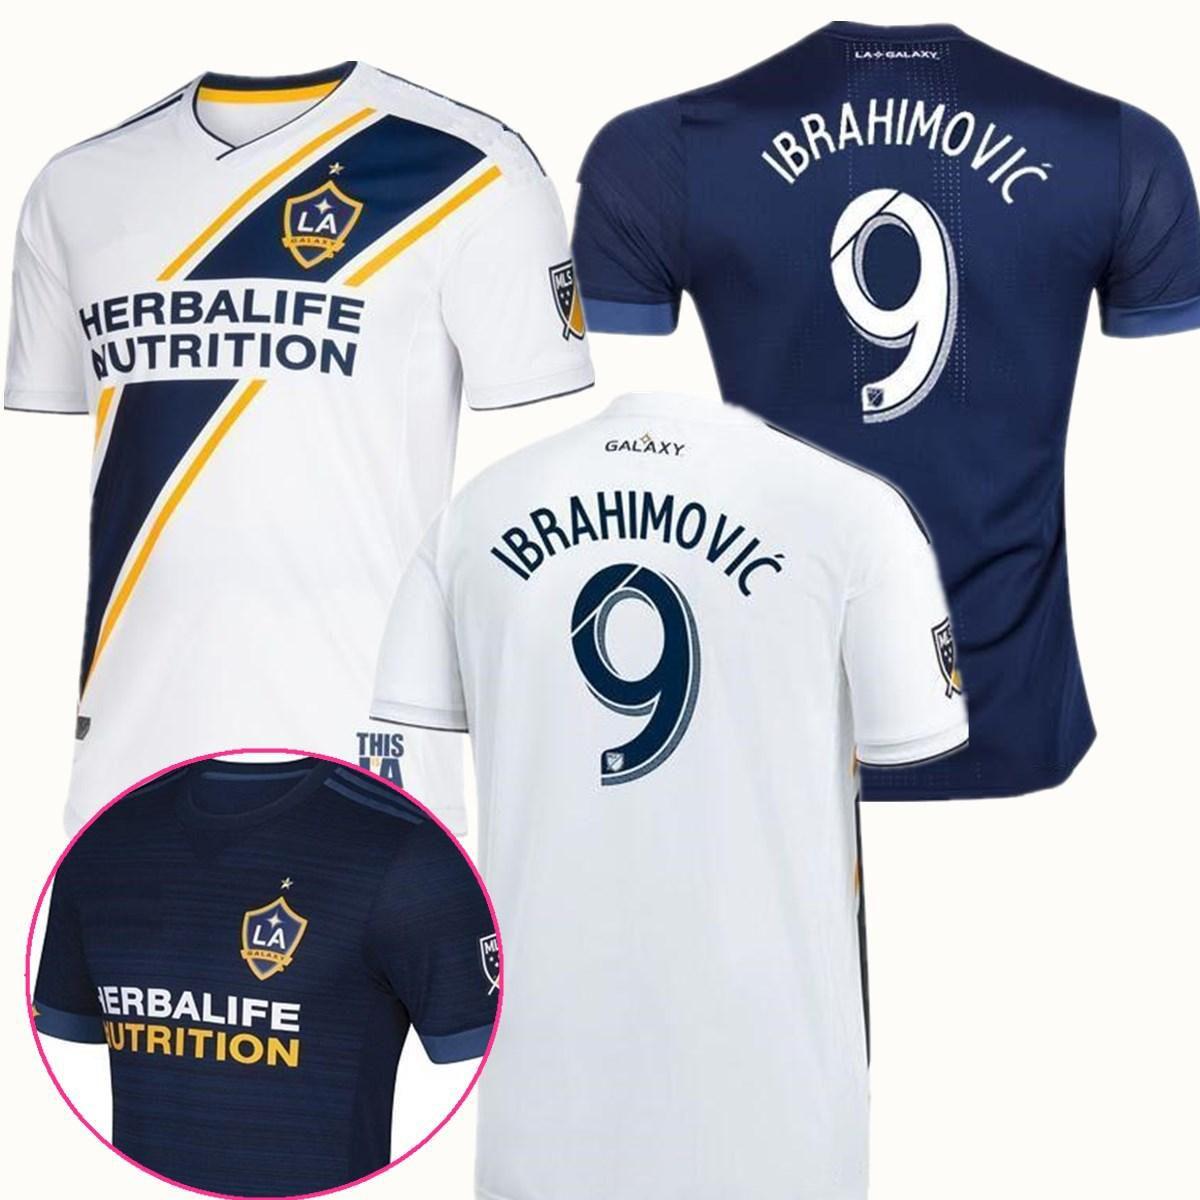 94b0b83650 Cheap Netherlands Holland Soccer Jersey Best White Spain Soccer Jersey